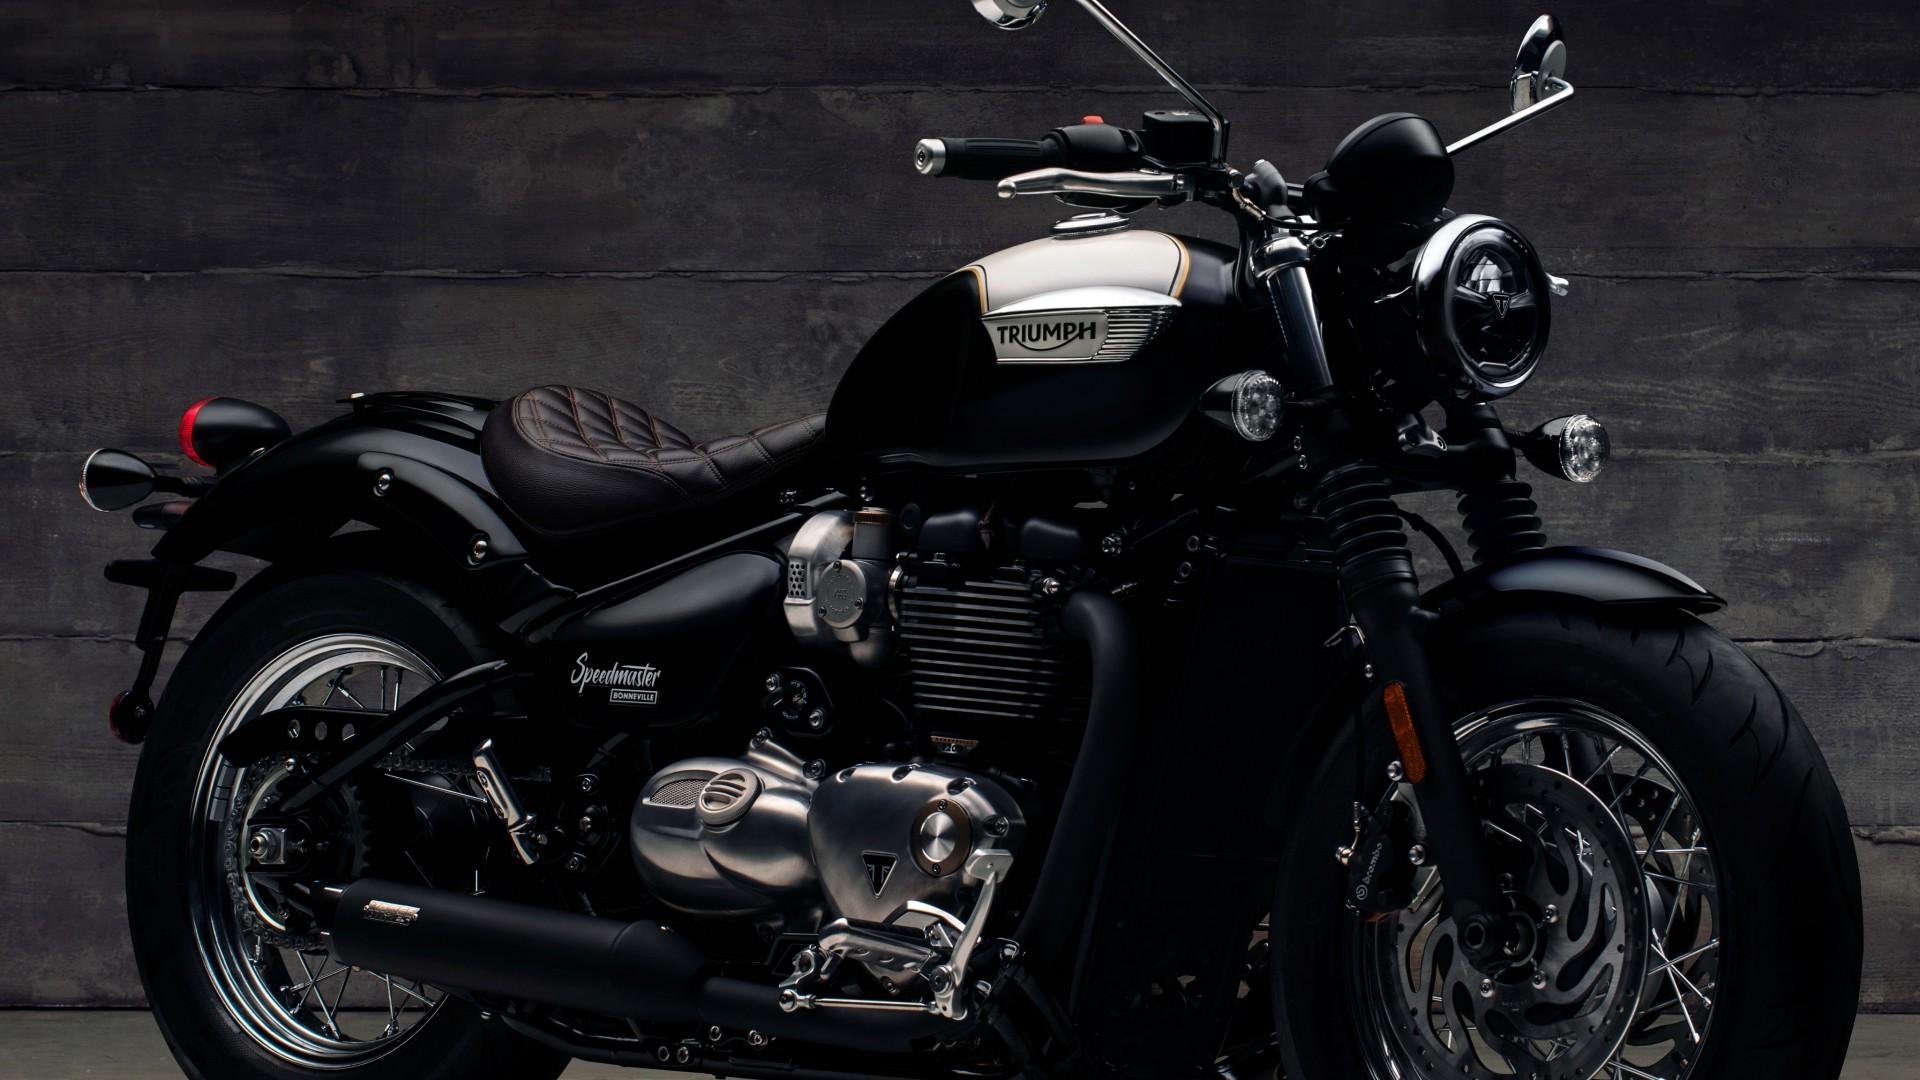 3d Yamaha Motorcycle Wallpaper Triumph Bonneville Speedmaster 4k 2018 Wallpapers Hd